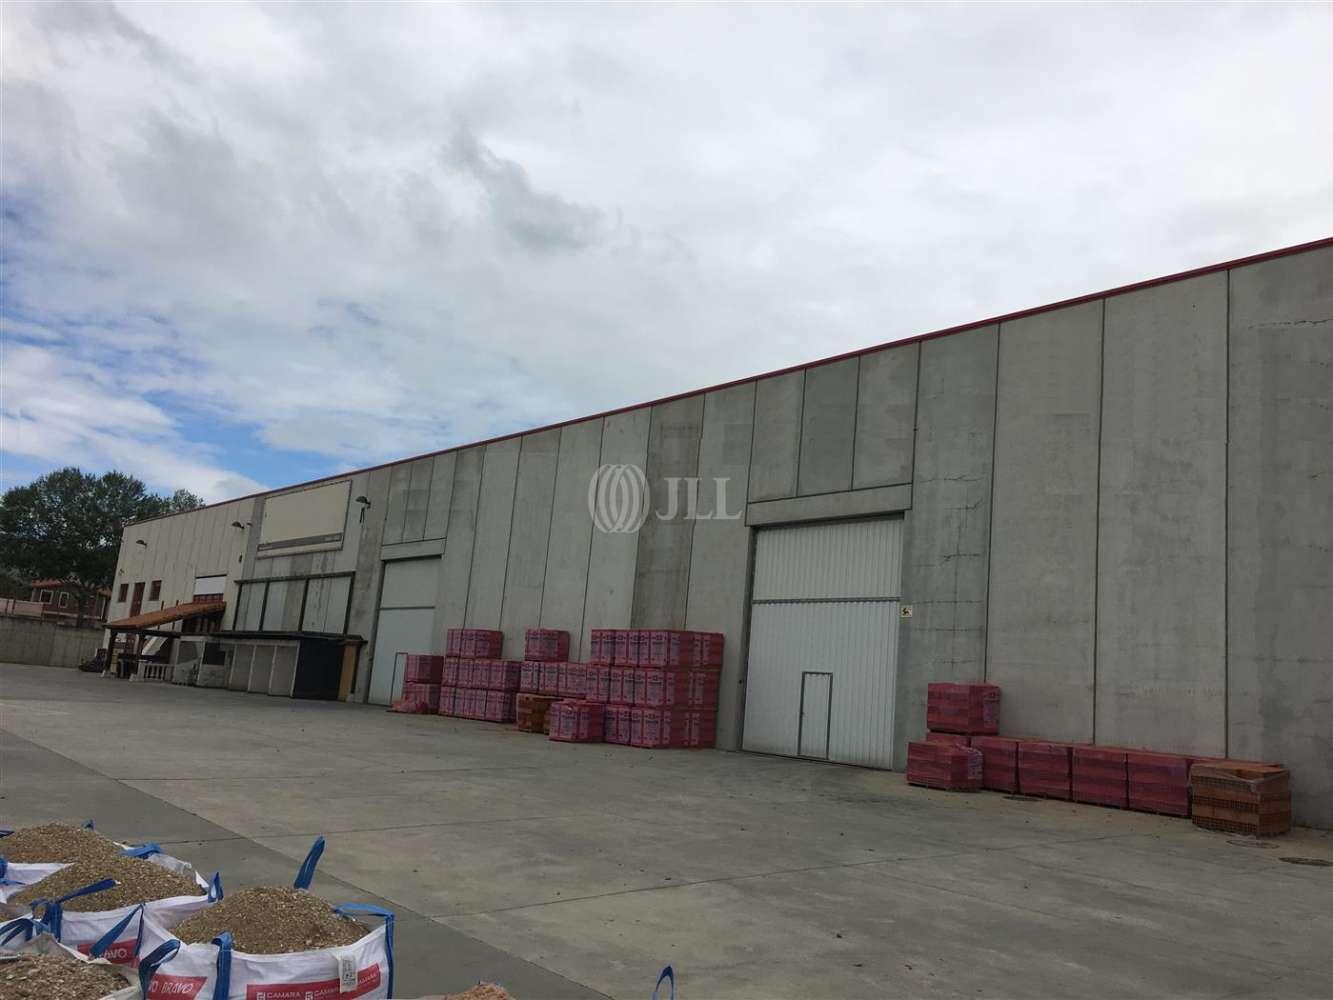 Naves industriales y logísticas Burgos, 09001 - Nave Industrial - B0489 NAVE INDUSTRIAL EN ALQUILER / VENTA - Pol. Ind. Villalonquéjar - BURGOS - 16901